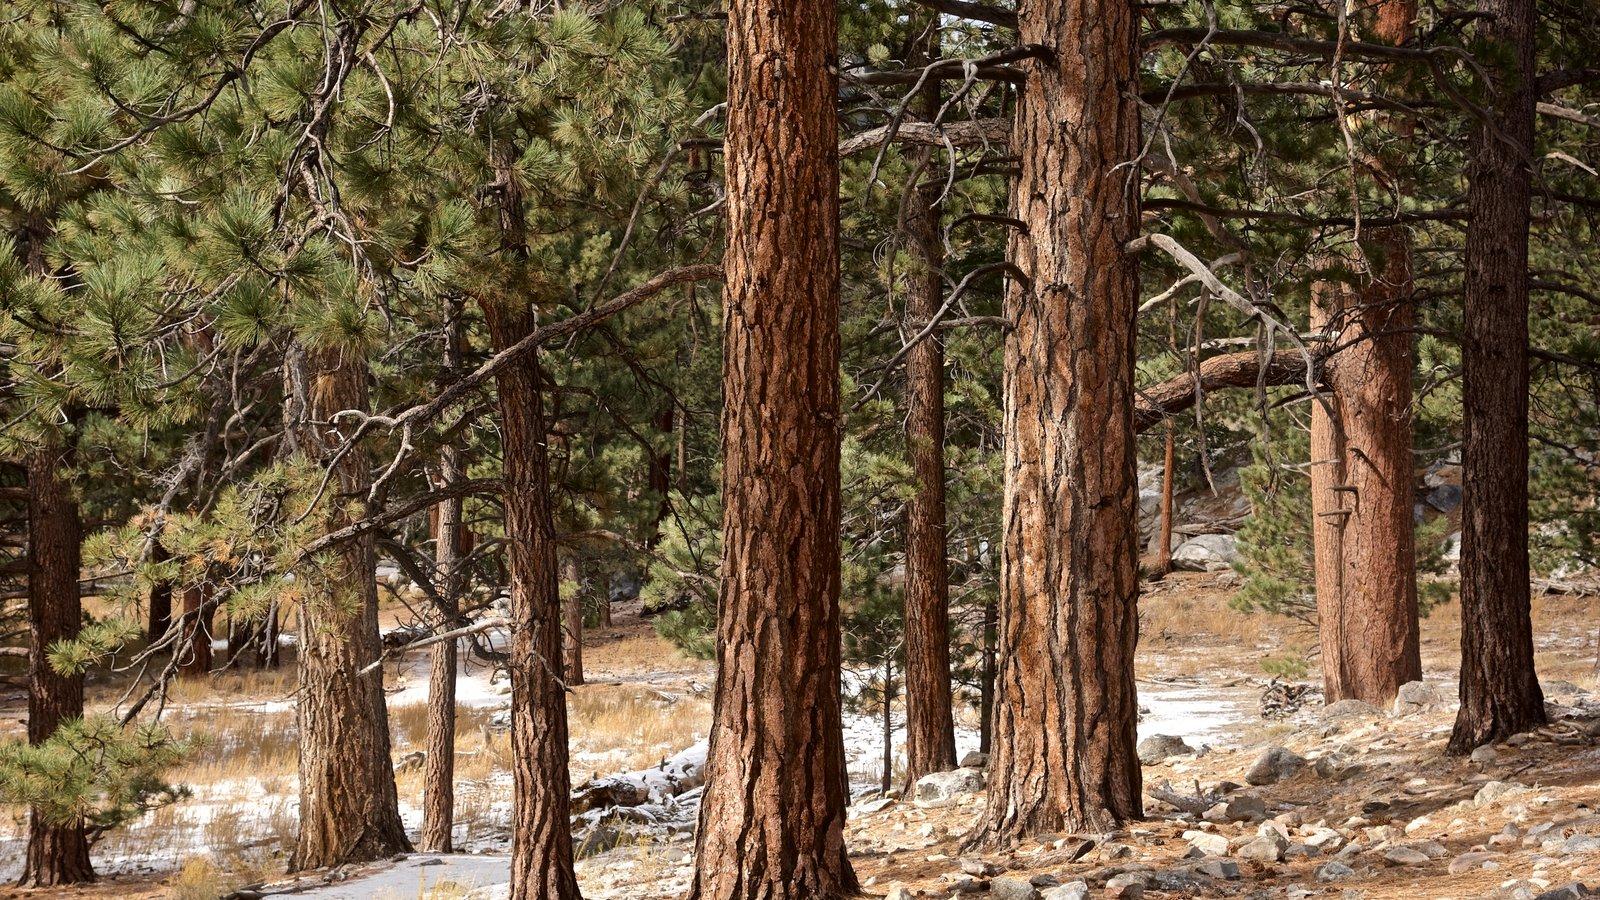 Parque estatal Mount San Jacinto que incluye bosques